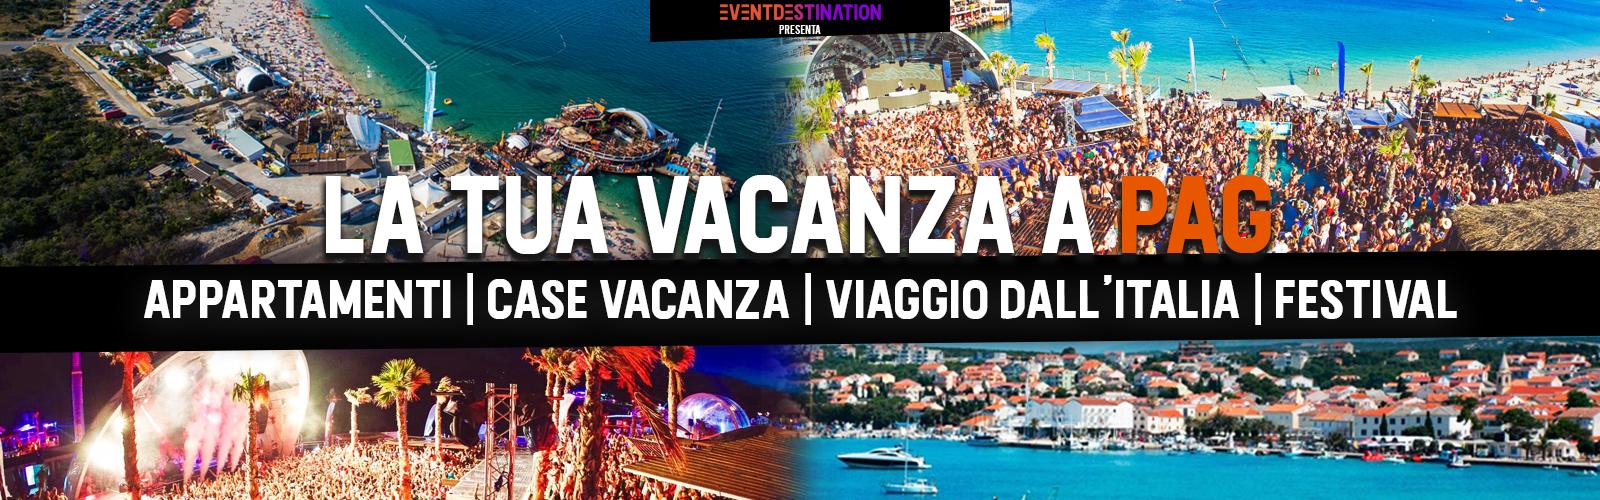 VACANZE a PAG  Estate 2020 – Appartamenti Case Vacanza Novalja + Viaggio